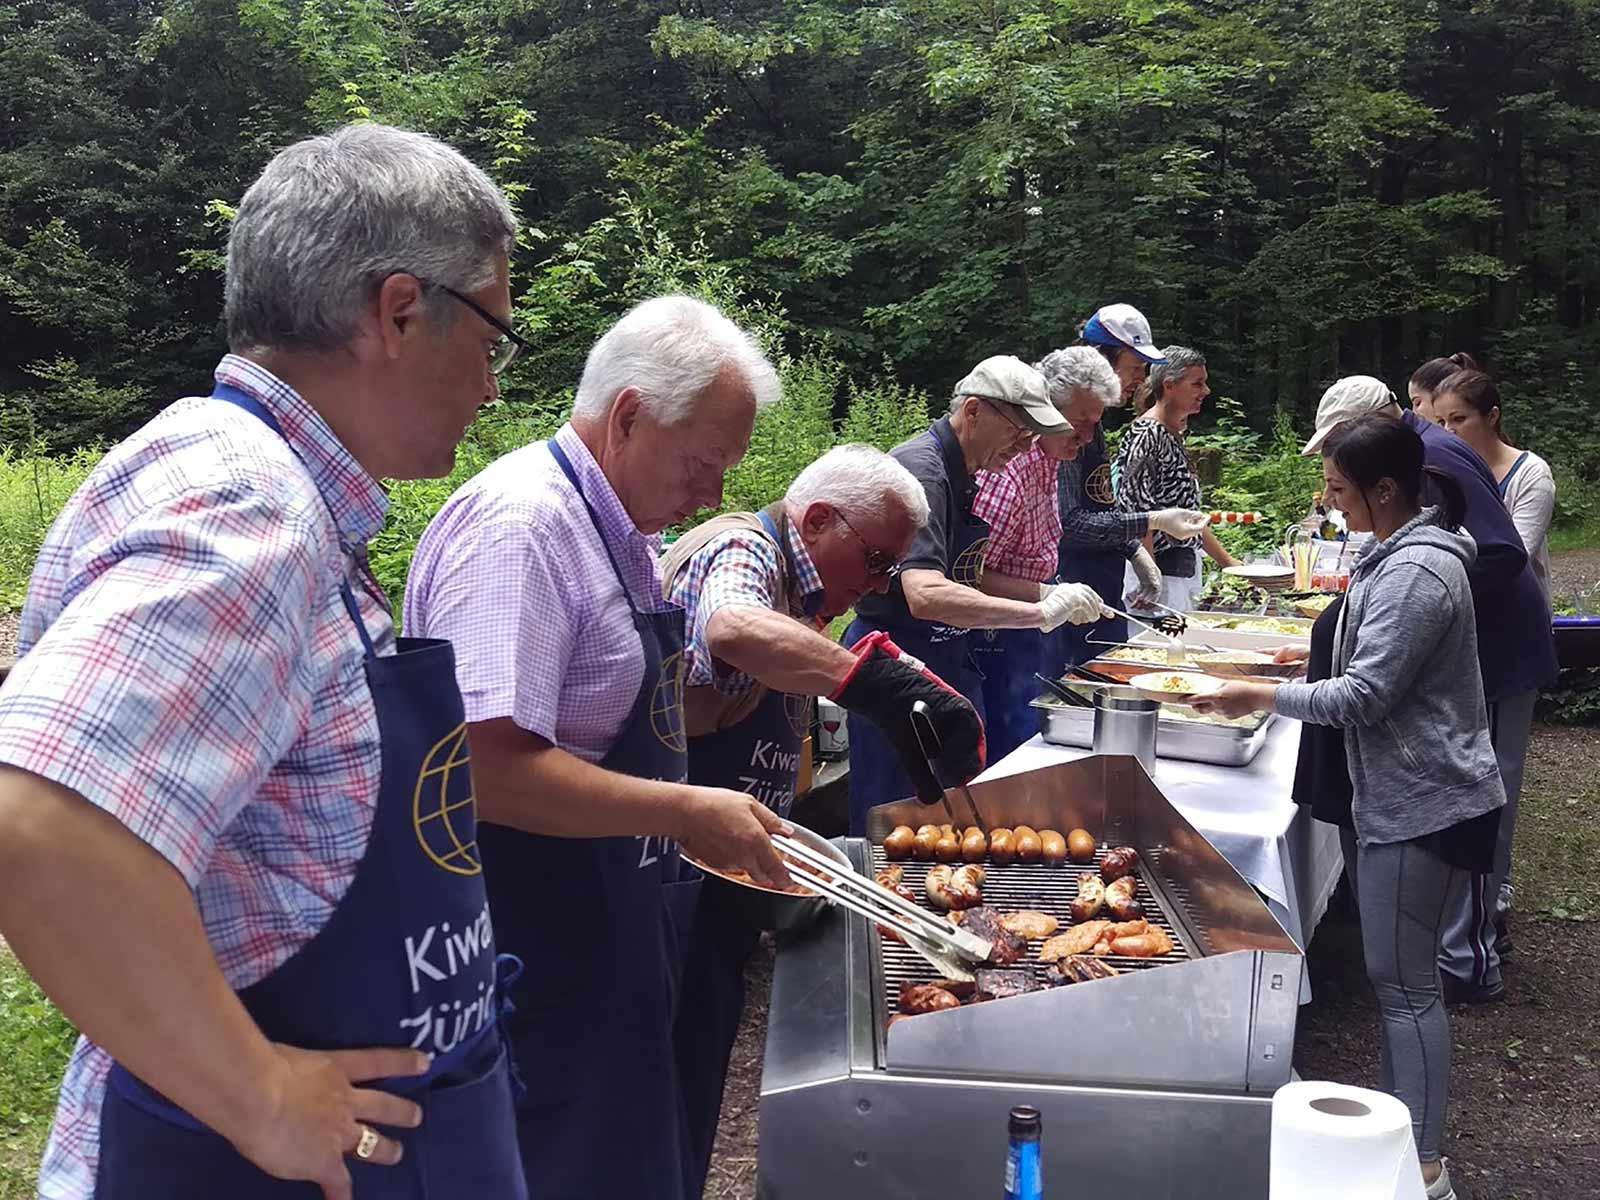 Die Kiwaner standen am Grill und sorgten für das kulinarische Wohl.